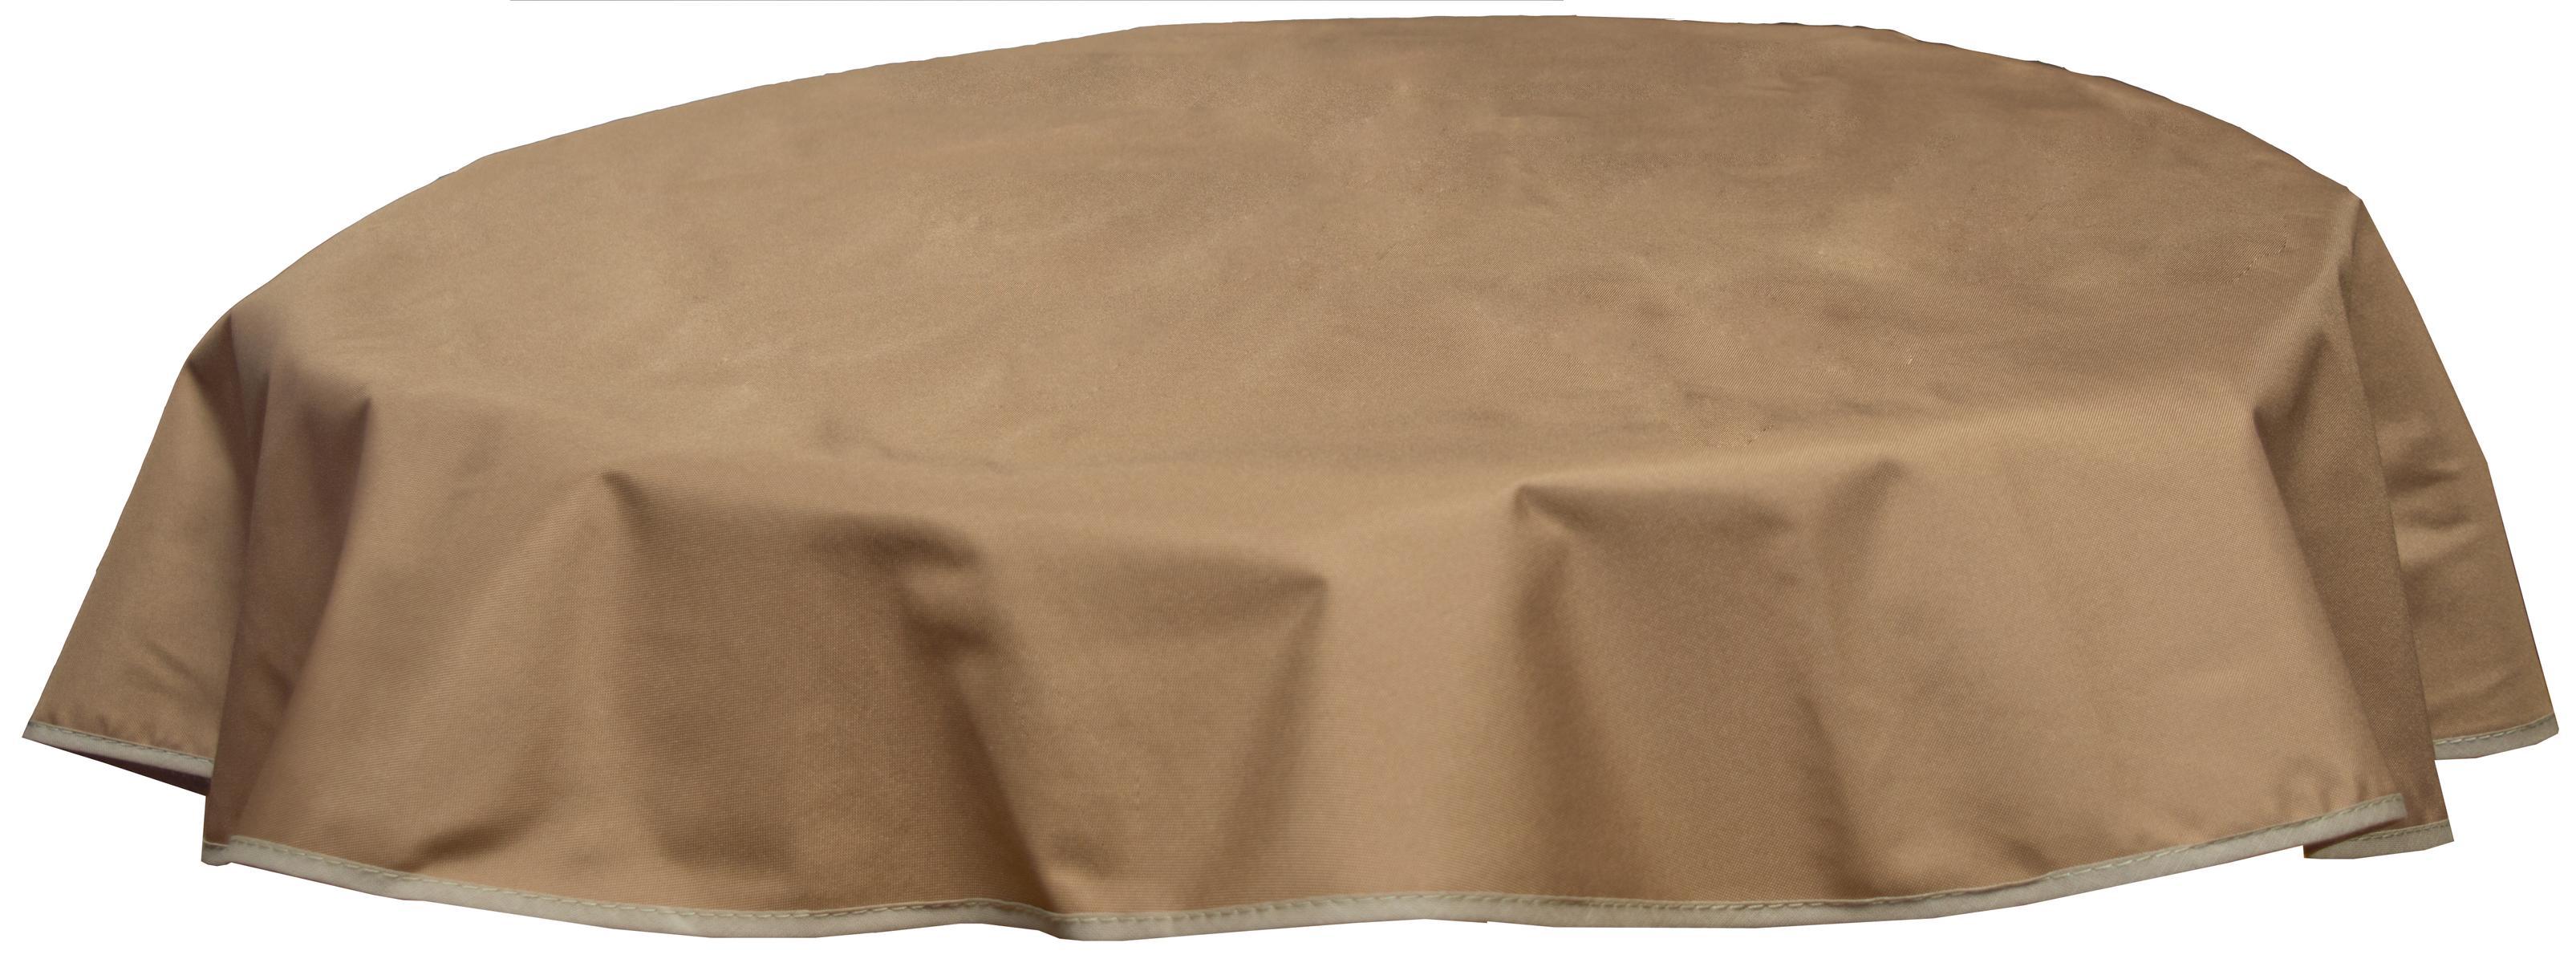 Runde Tischdecke 160cm wasserabweisend 100% Polyester in sand